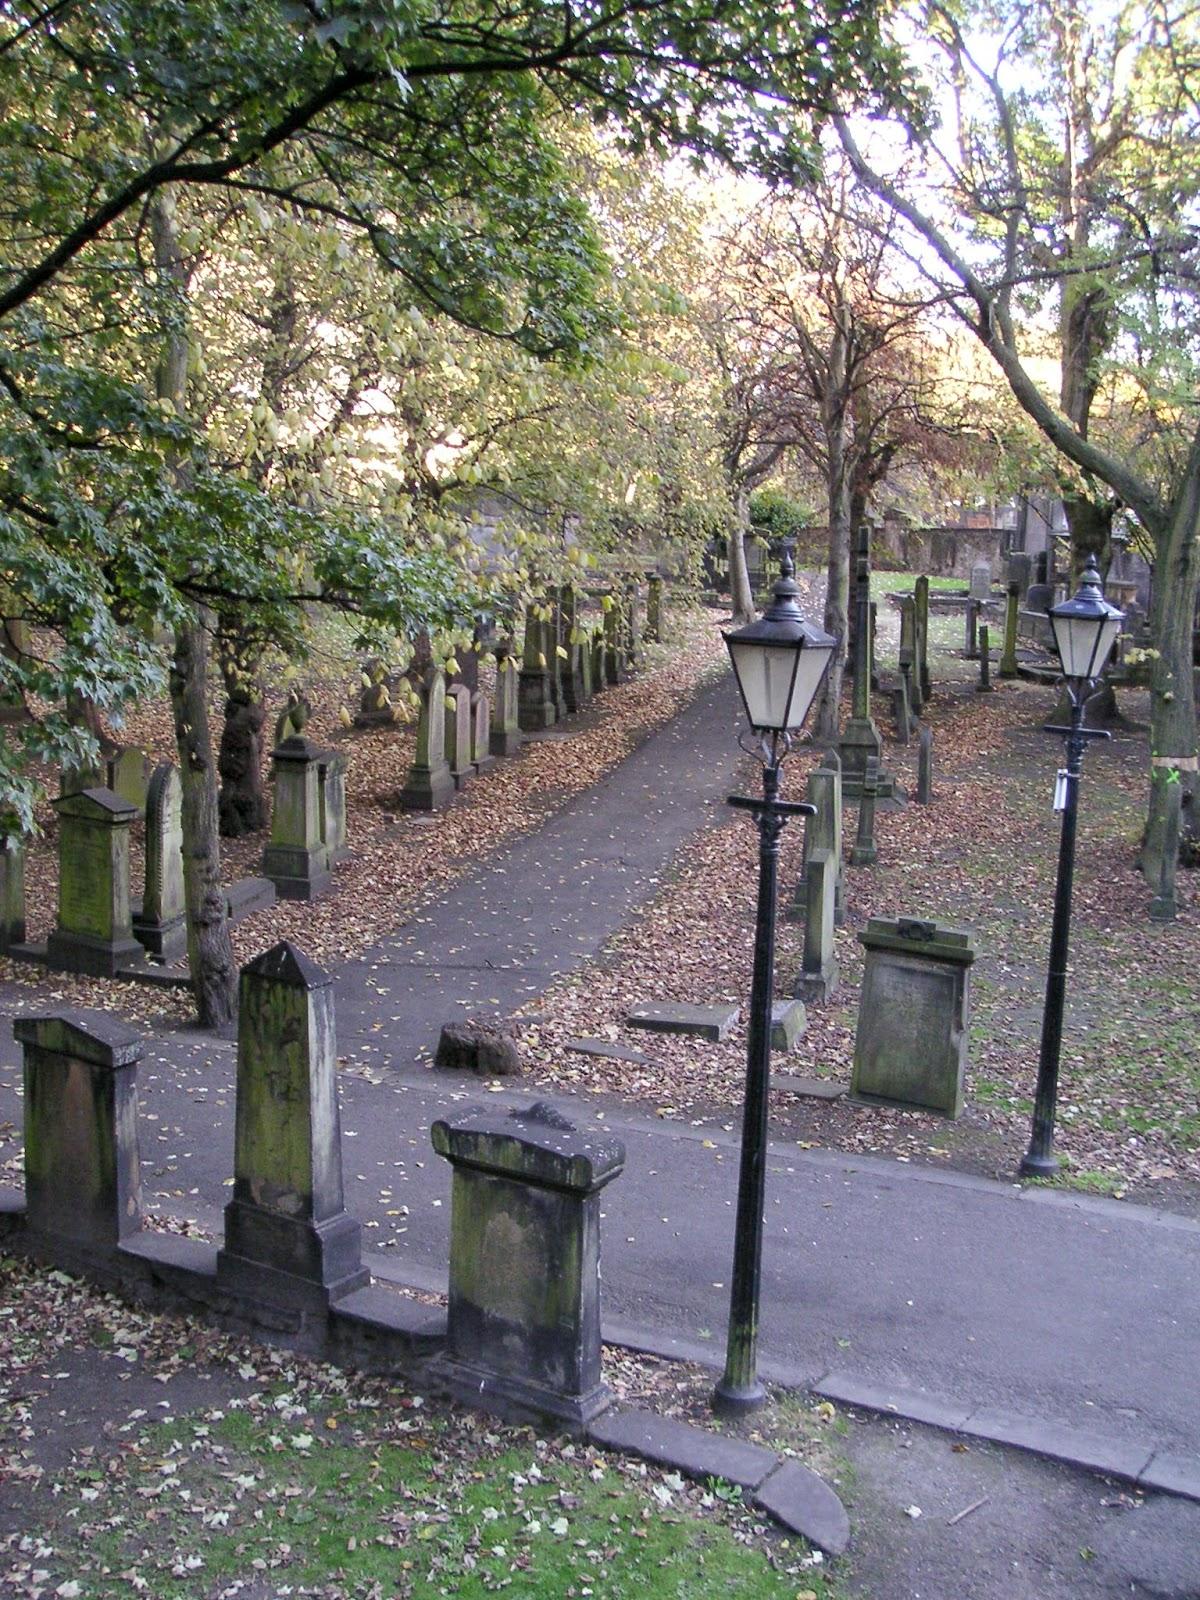 Blick von oben auf einen Friedhof mit vielen laubbedeckten Gräbern und Steingrabsteinen